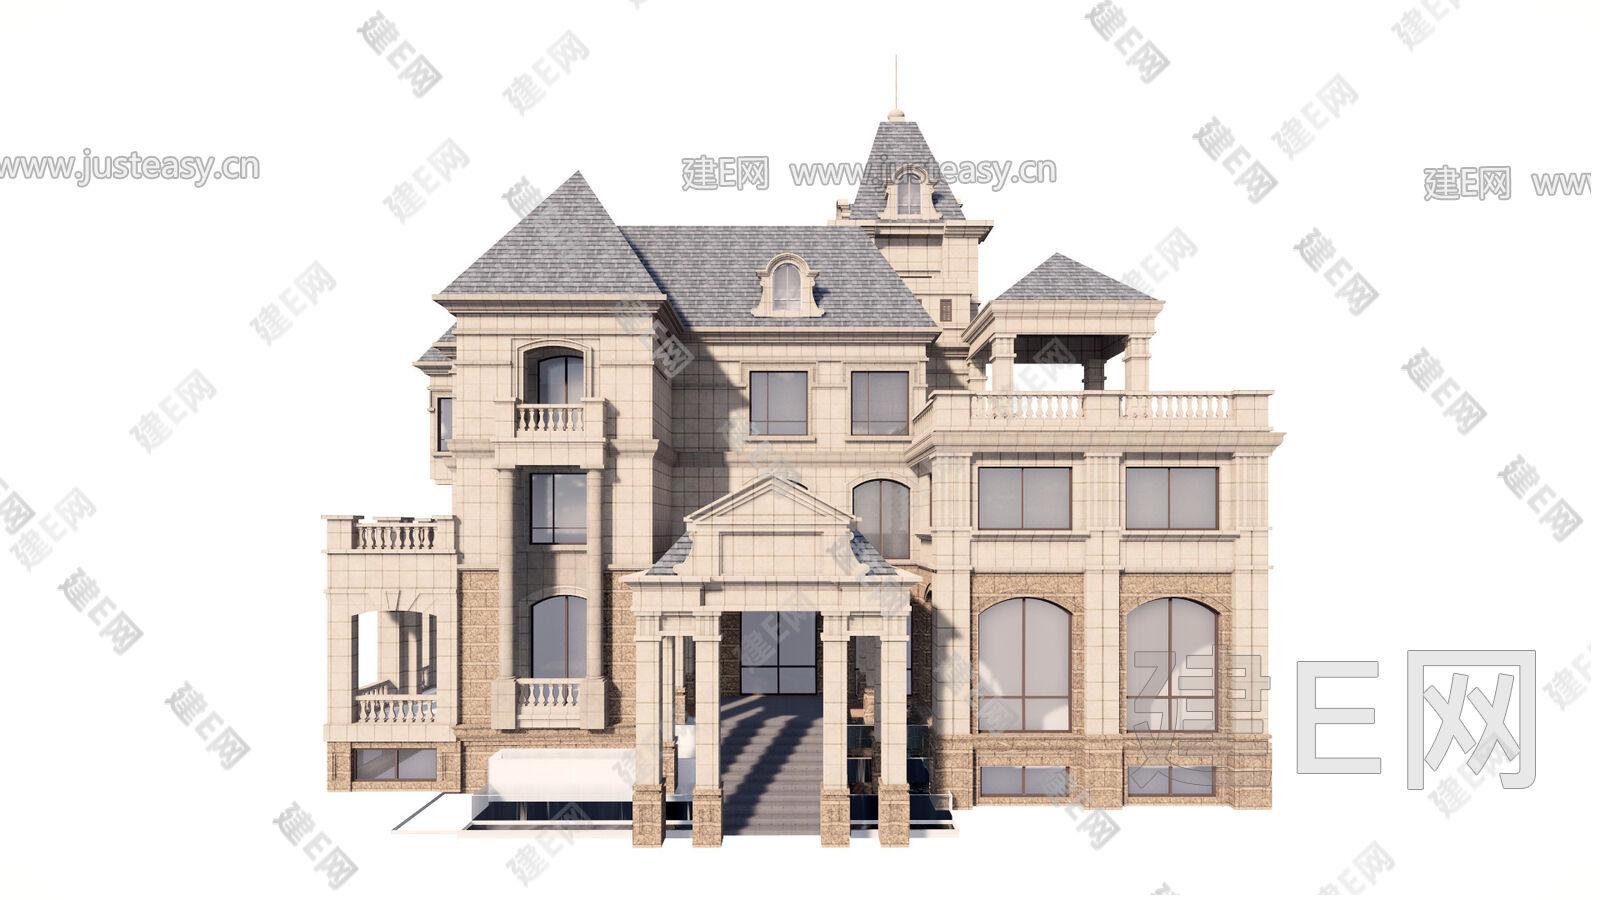 法式别墅[模型id:21377]